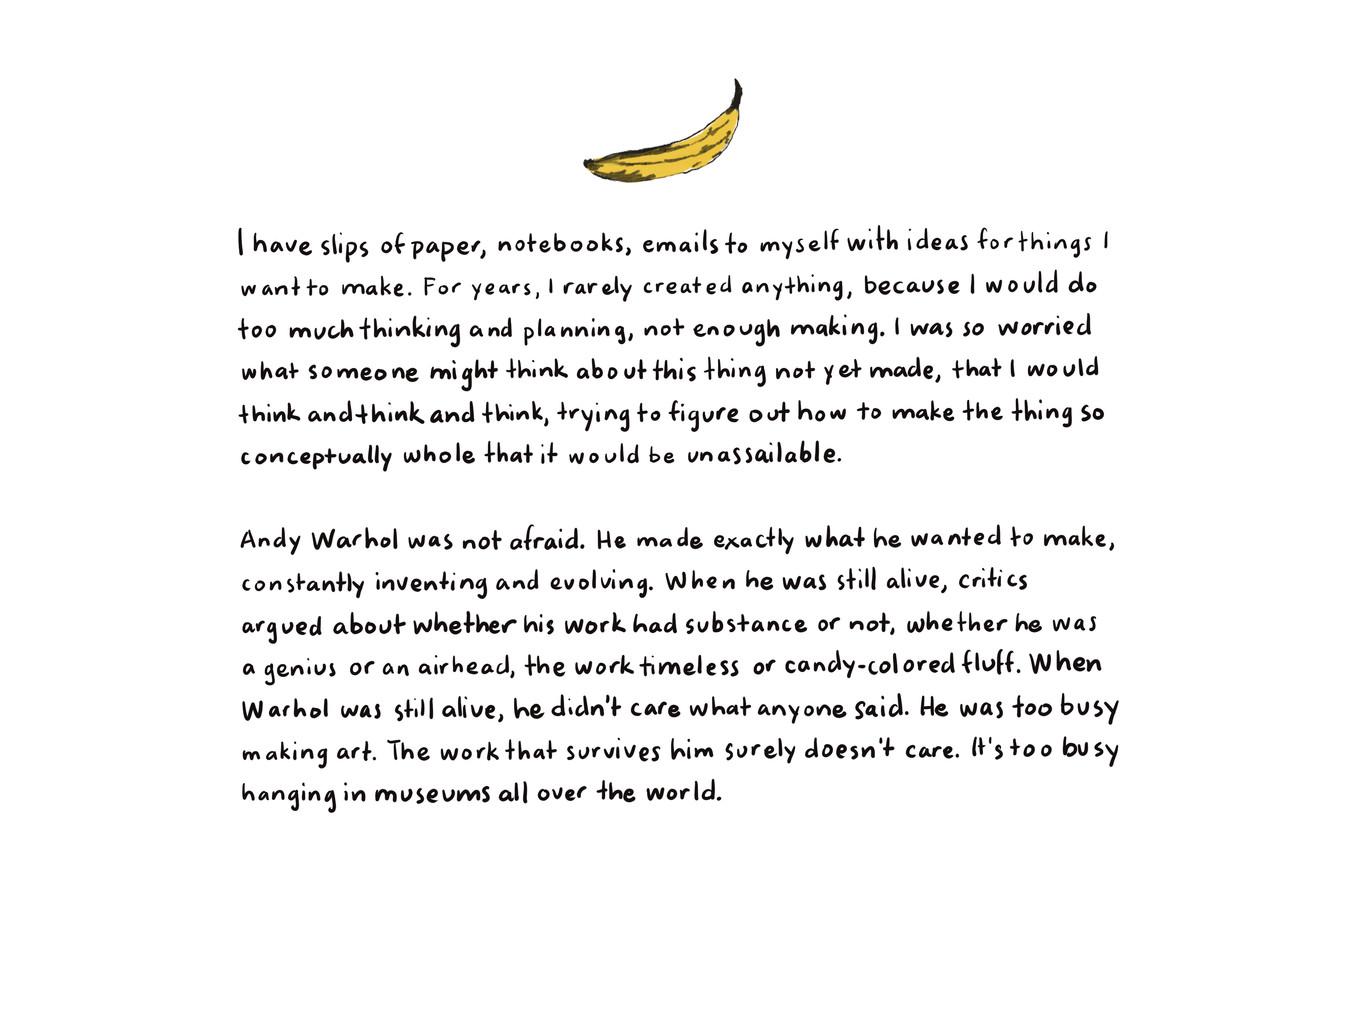 Warhol_2.jpg